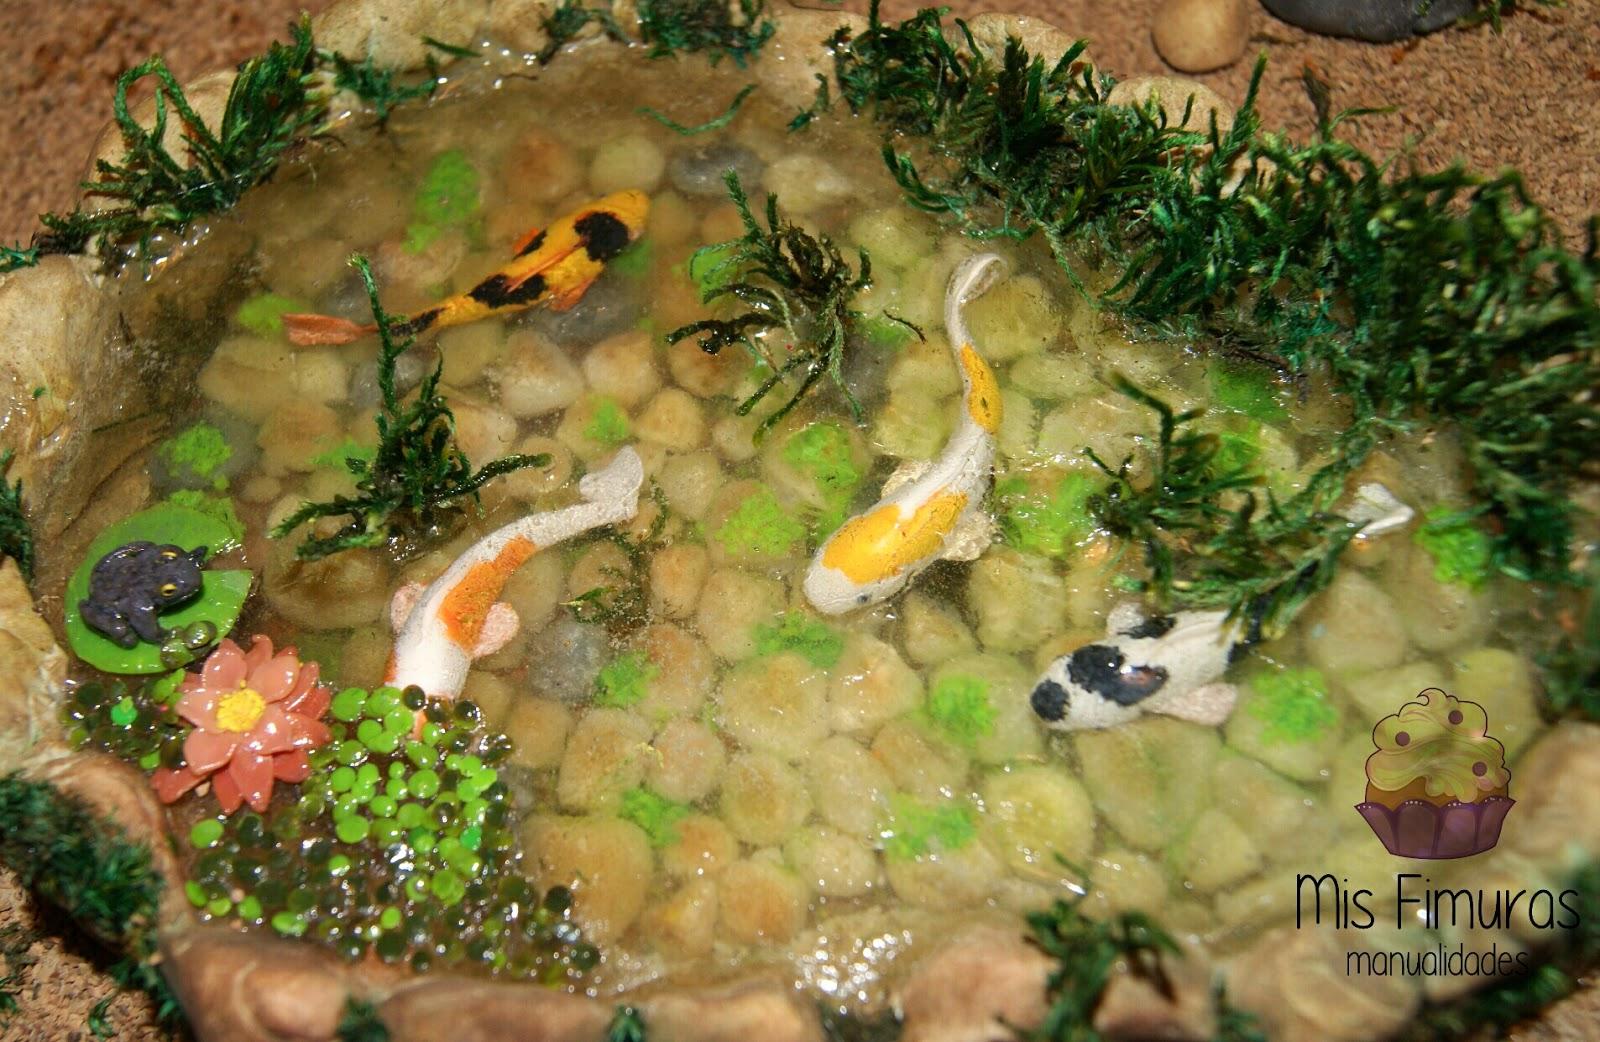 Mis fimuras estanque carpas koi for Carpas estanque